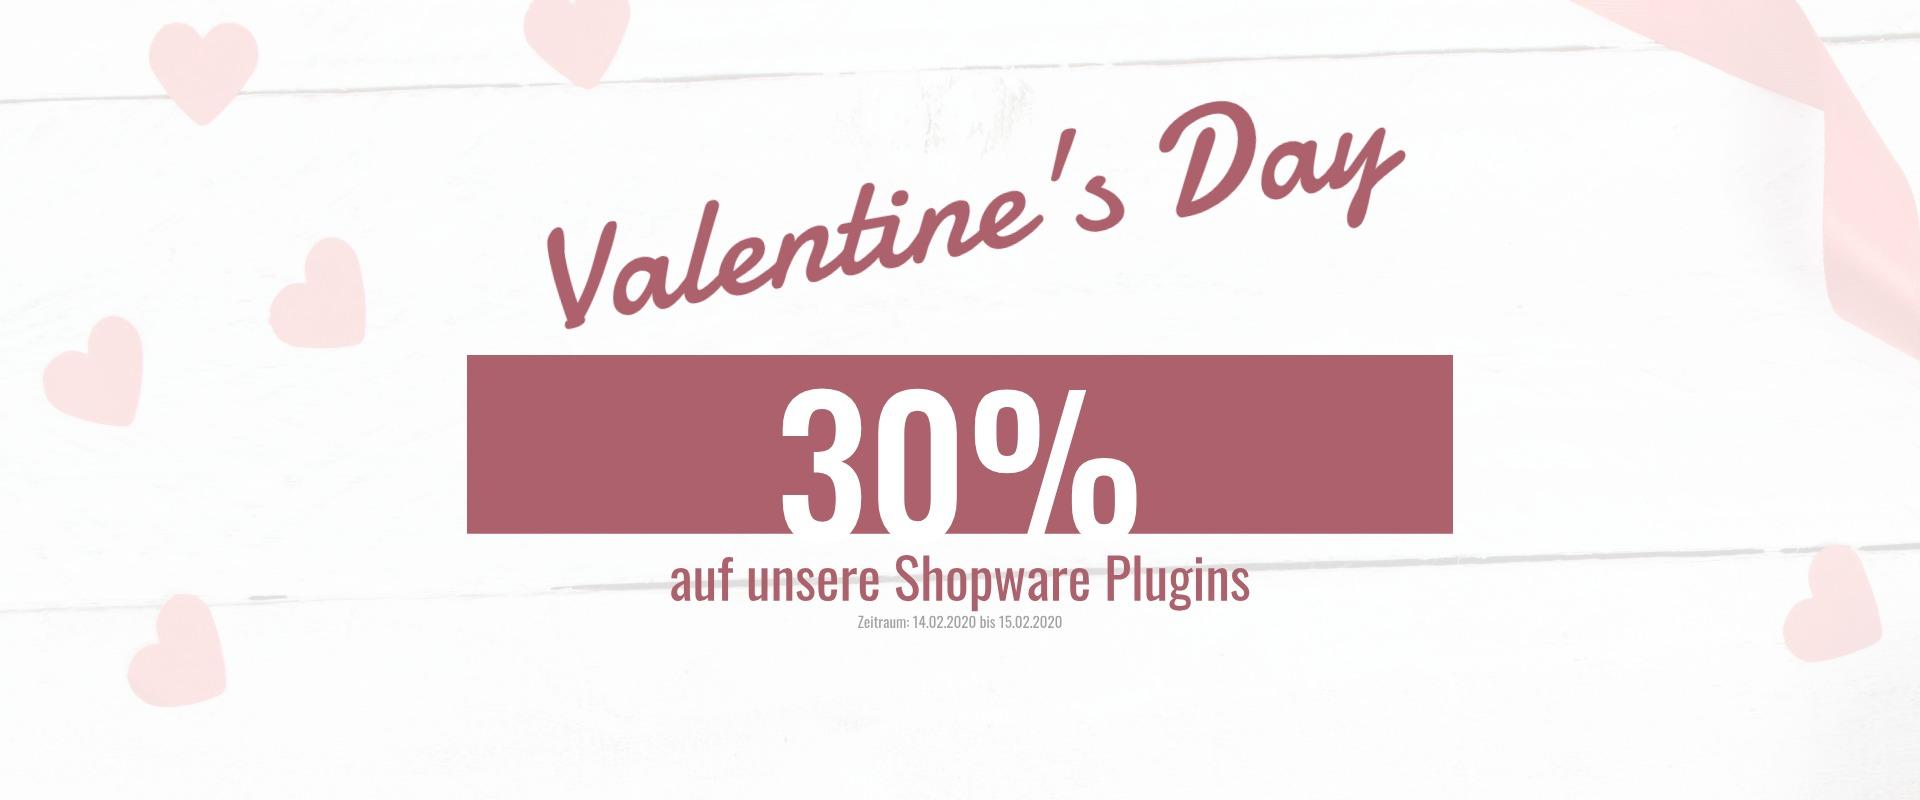 Shopware Valentine's Day Sale - 30% auf unsere Plugins